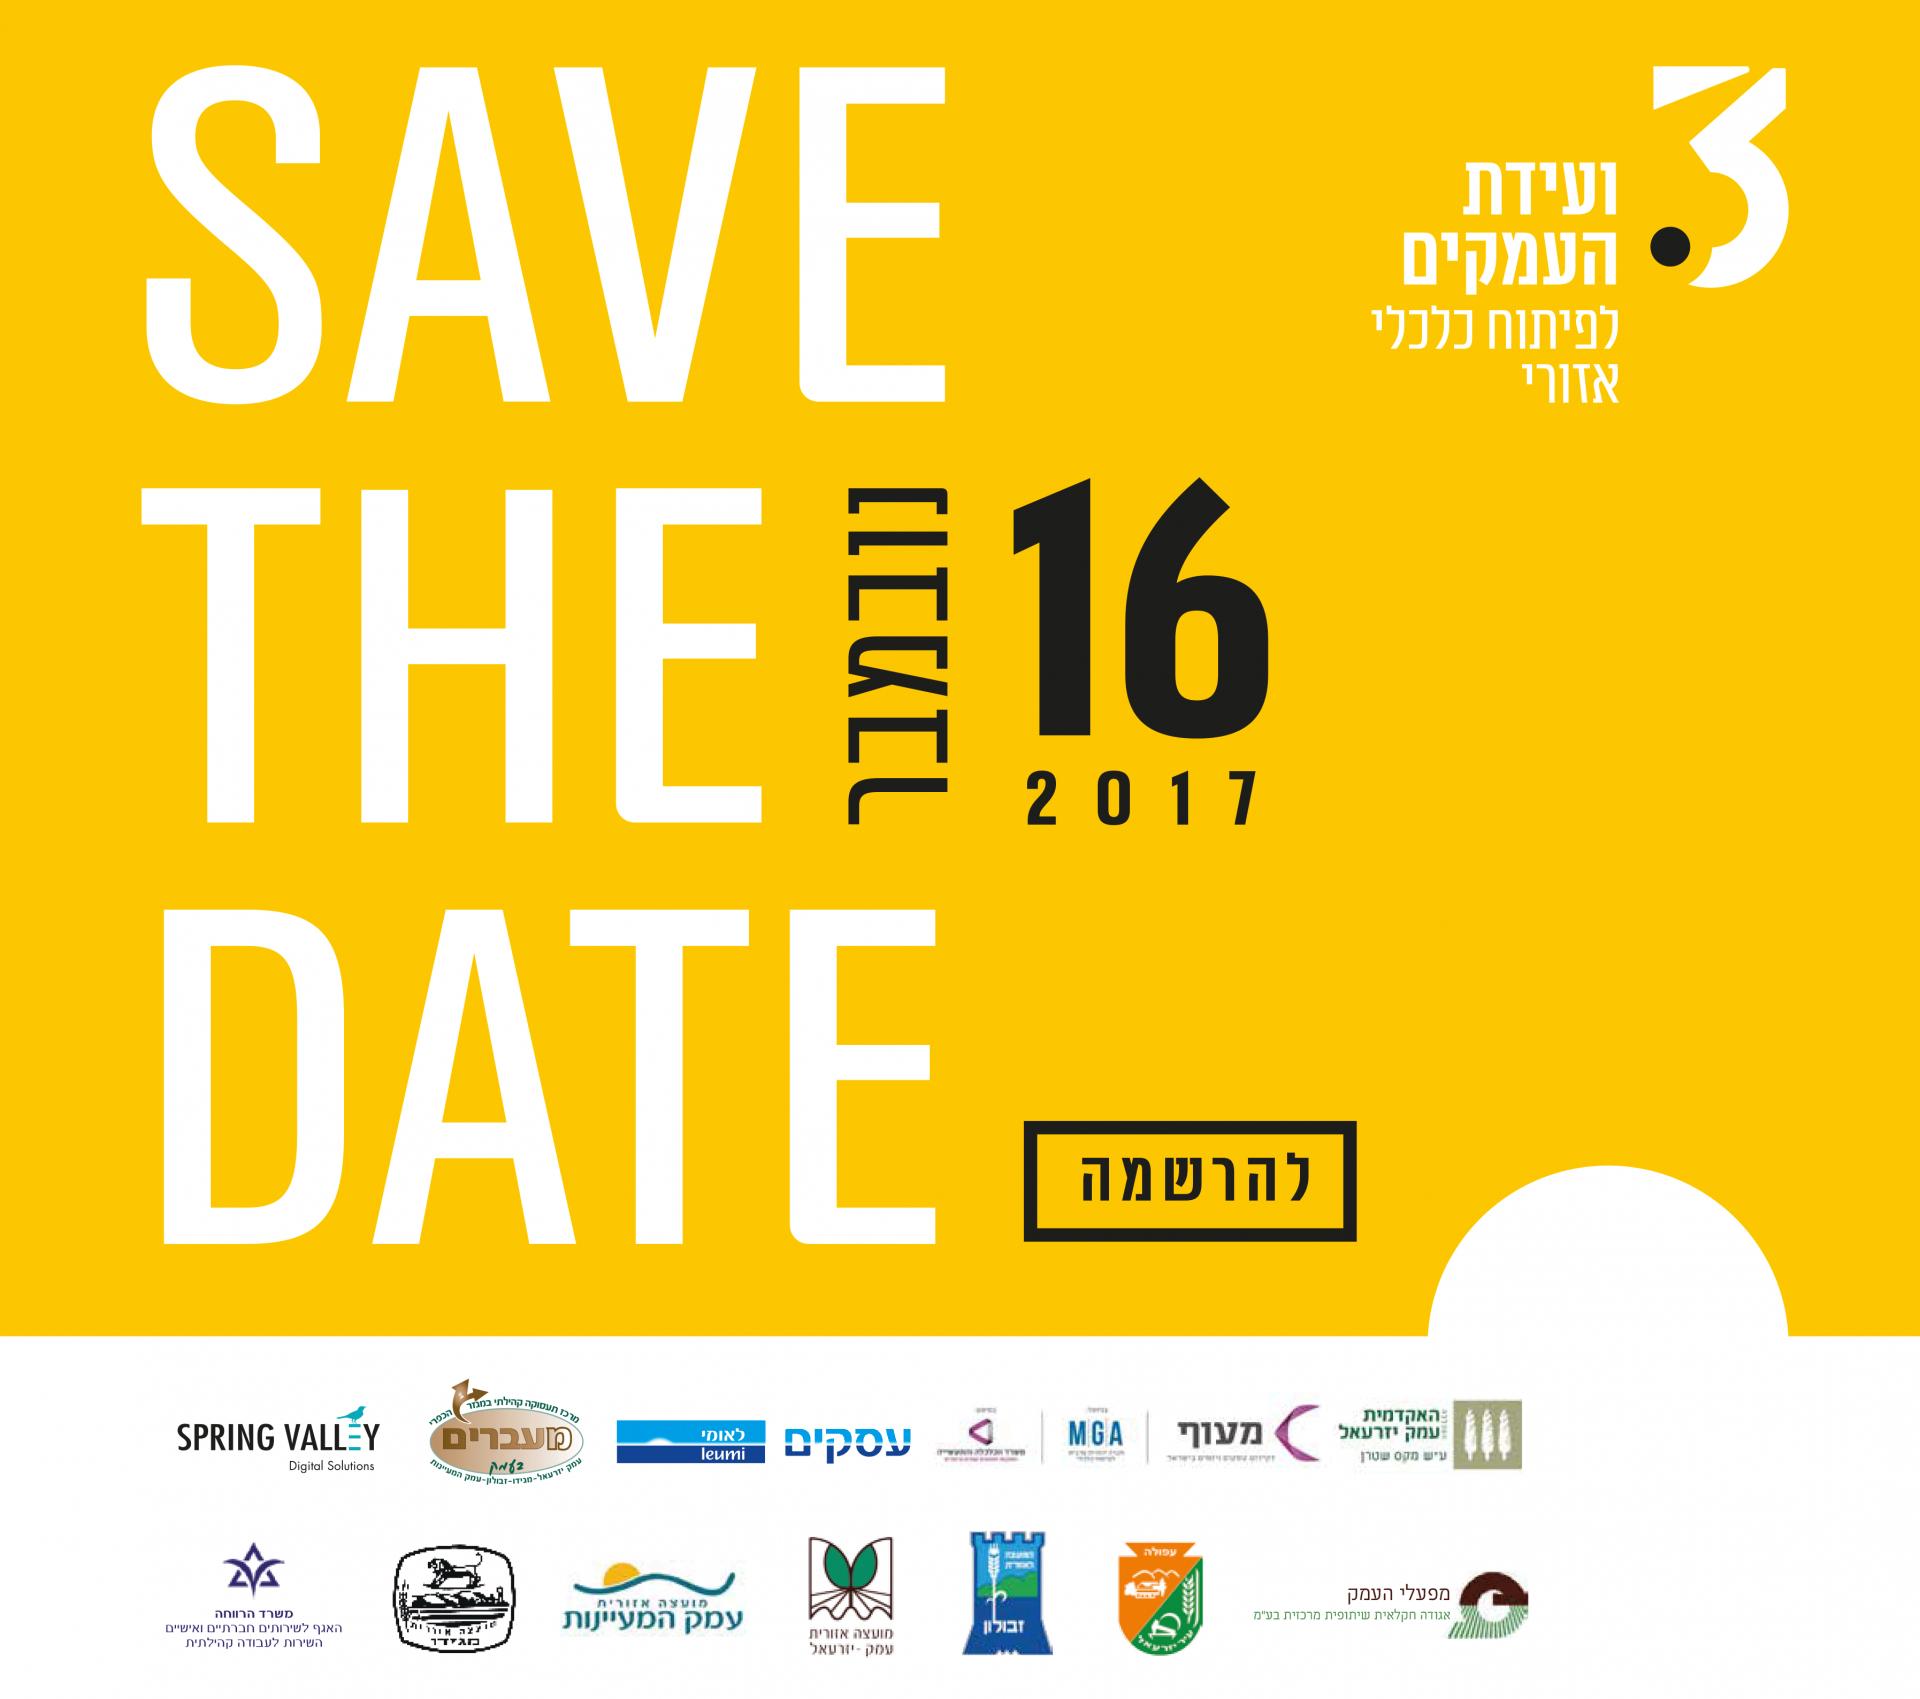 הזמנה לוועידת העמקים ה- 3 לפיתוח כלכלי אזורי 16.11.2017